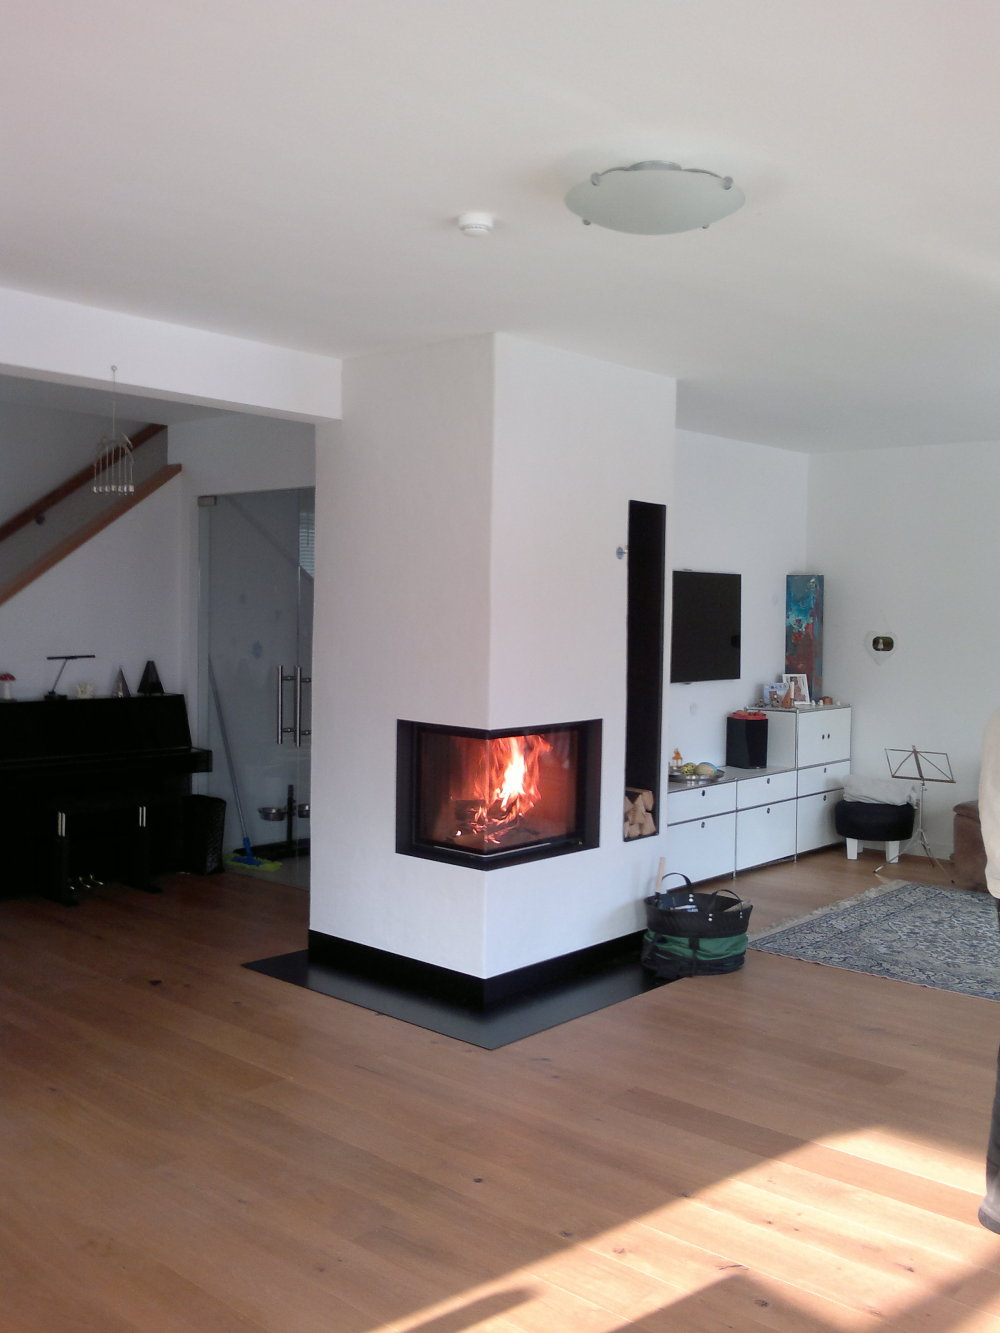 kachelofen umbauen offener kamin umbauen im kachelofen so kann ihr grundofen aussehen. Black Bedroom Furniture Sets. Home Design Ideas